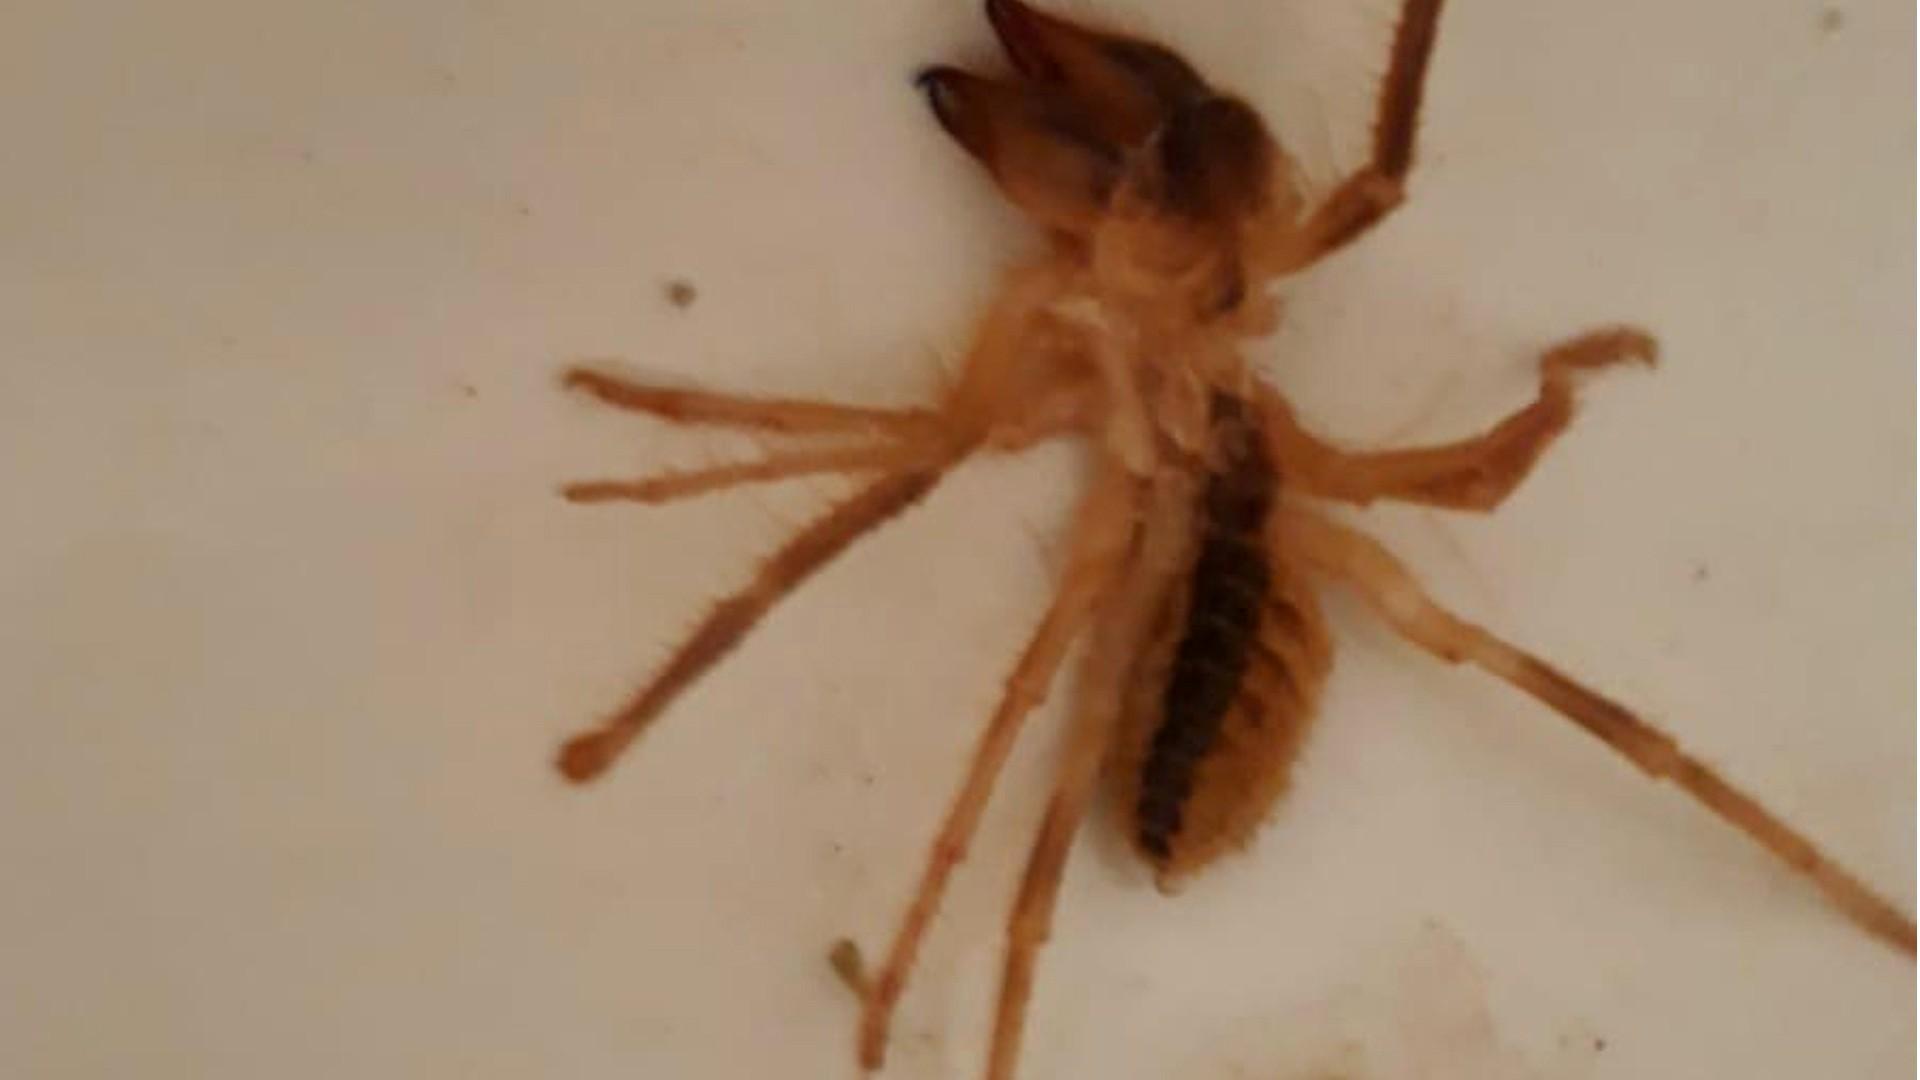 1593950547 c44a2d Bir insanı öldürebiliyor! Kırıkkale'de sarıkız örümceği paniği 1